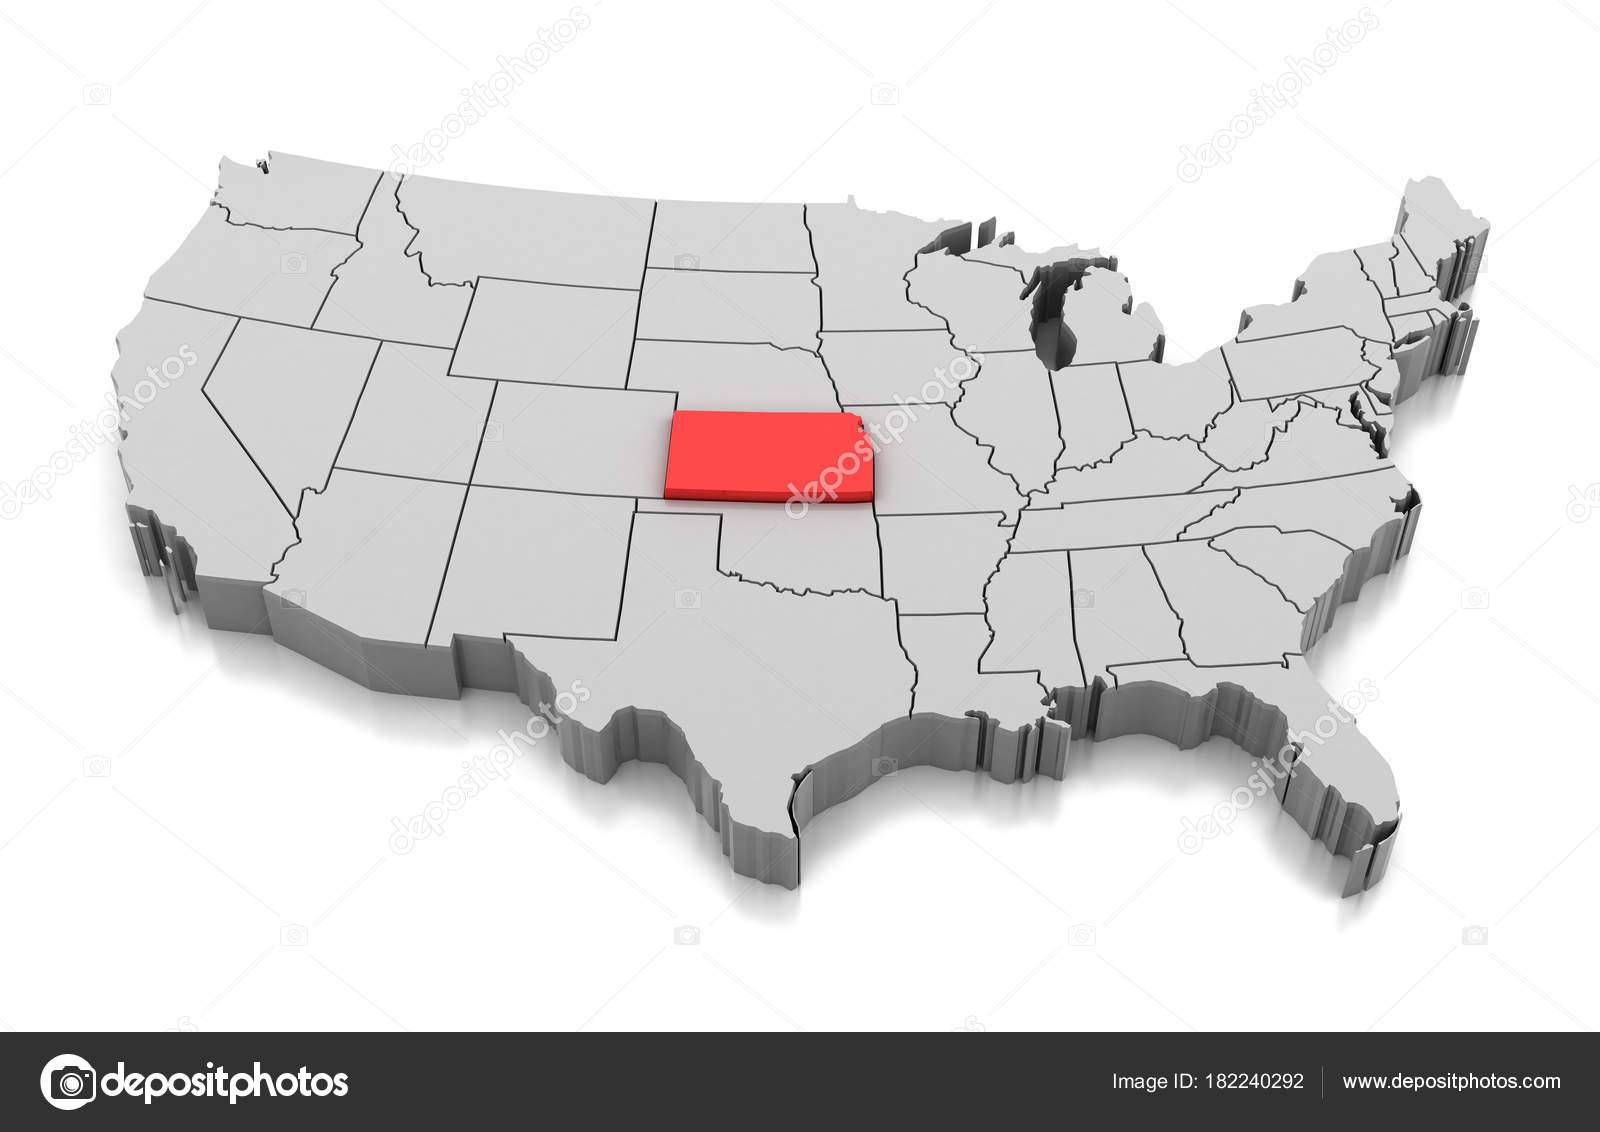 Map of Kansas state, USA — Stock Photo © md3d #182240292 Kansas State Us Map on greeley kansas, uber kansas, riverton kansas, lake wabaunsee kansas, st marys kansas, interstate 70 kansas, beautiful kansas, coldwater kansas, lake dabinawa kansas, state map kansas, wabaunsee county kansas, mcpherson county kansas, brown county kansas, united states kansas, brewster kansas, special olympics kansas, detailed map kansas, world map kansas, best of kansas, comanche county kansas,